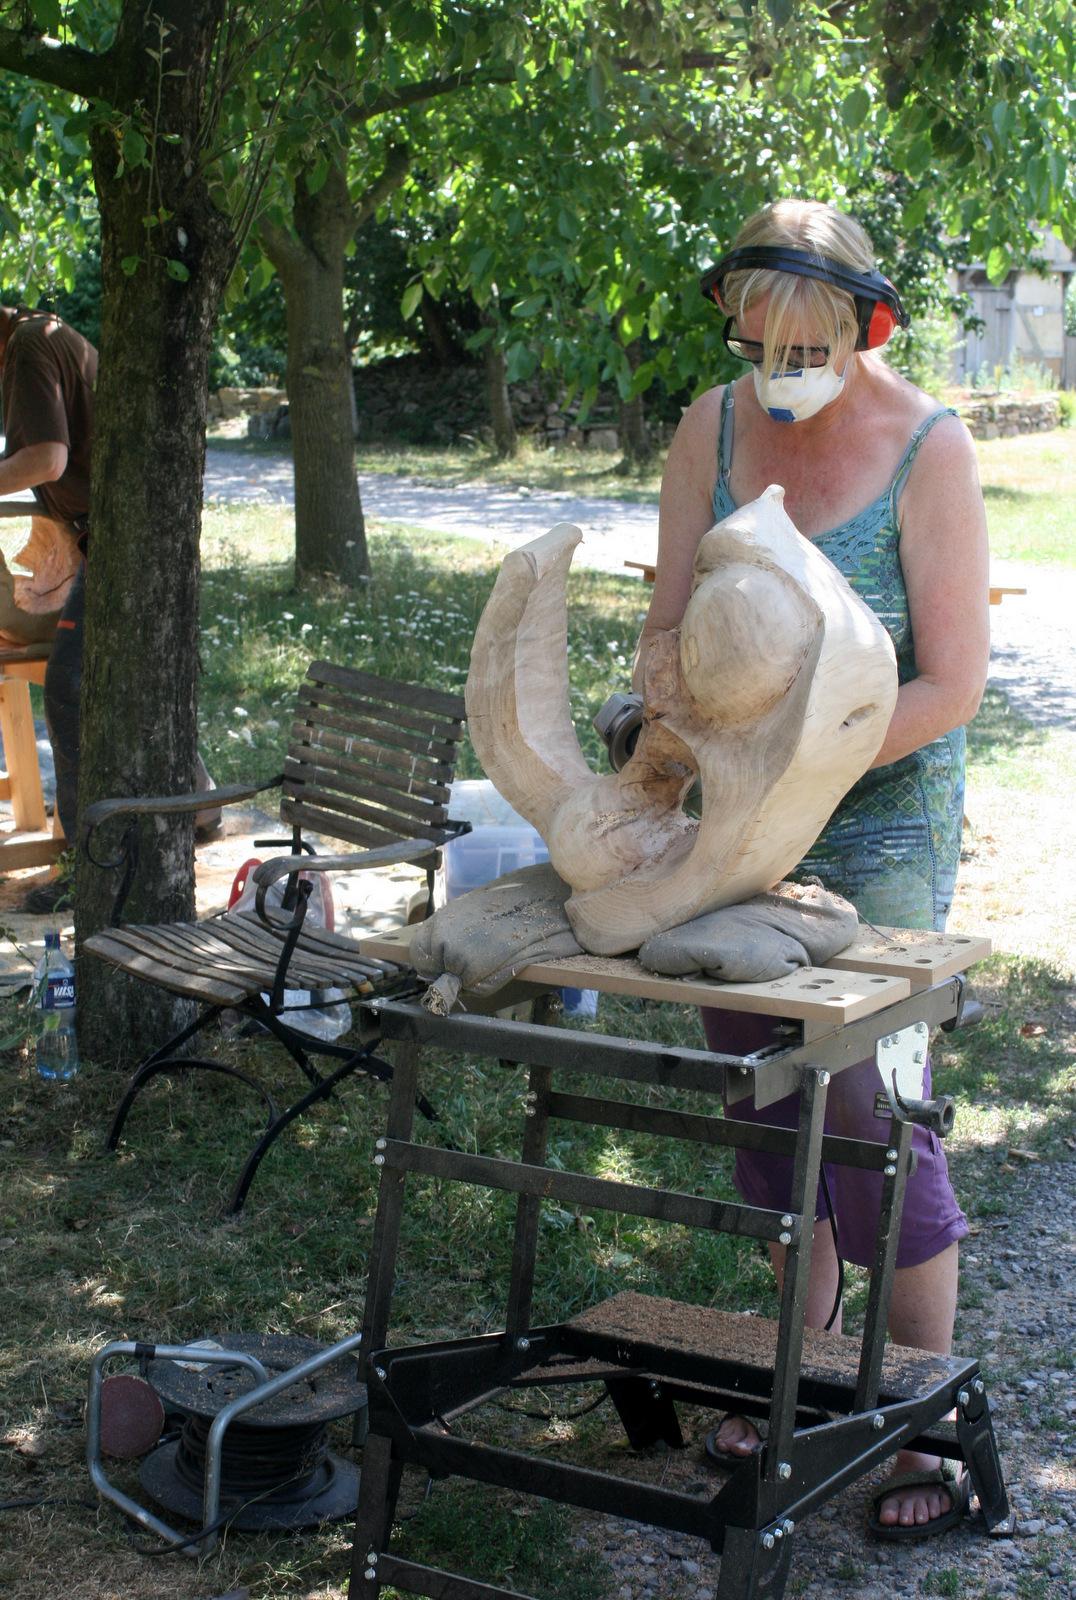 Atelier hestia im Kloster Malgarten: Holzsymposium, Hilde Weiper